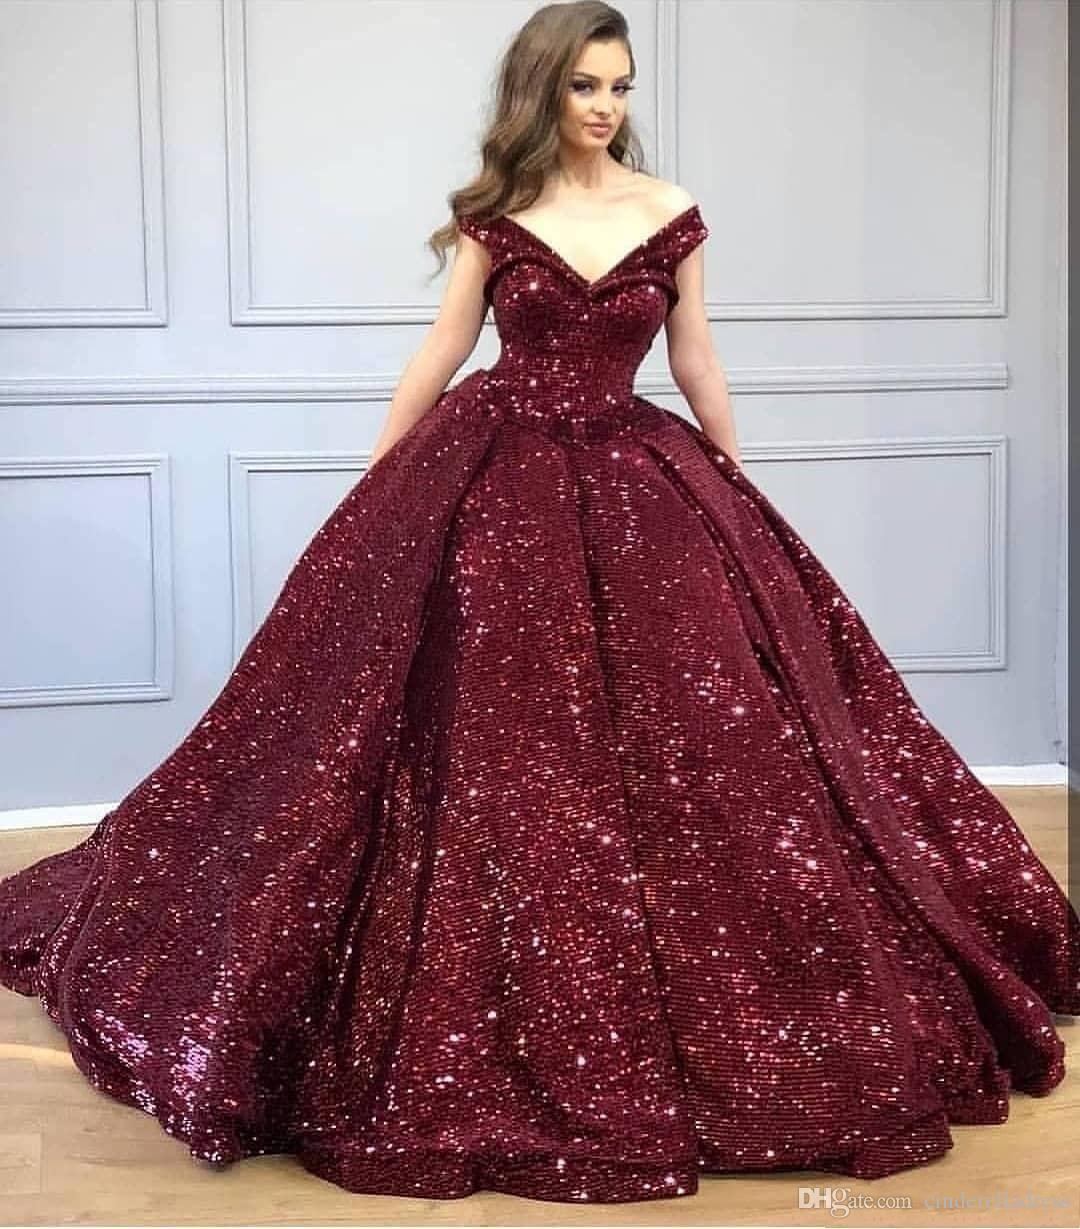 Sparkly Borgogna paillettes Abiti Quinceanera Ball Gown al largo della spalla con scollo a V vestito dolce 15 partito da sera convenzionale